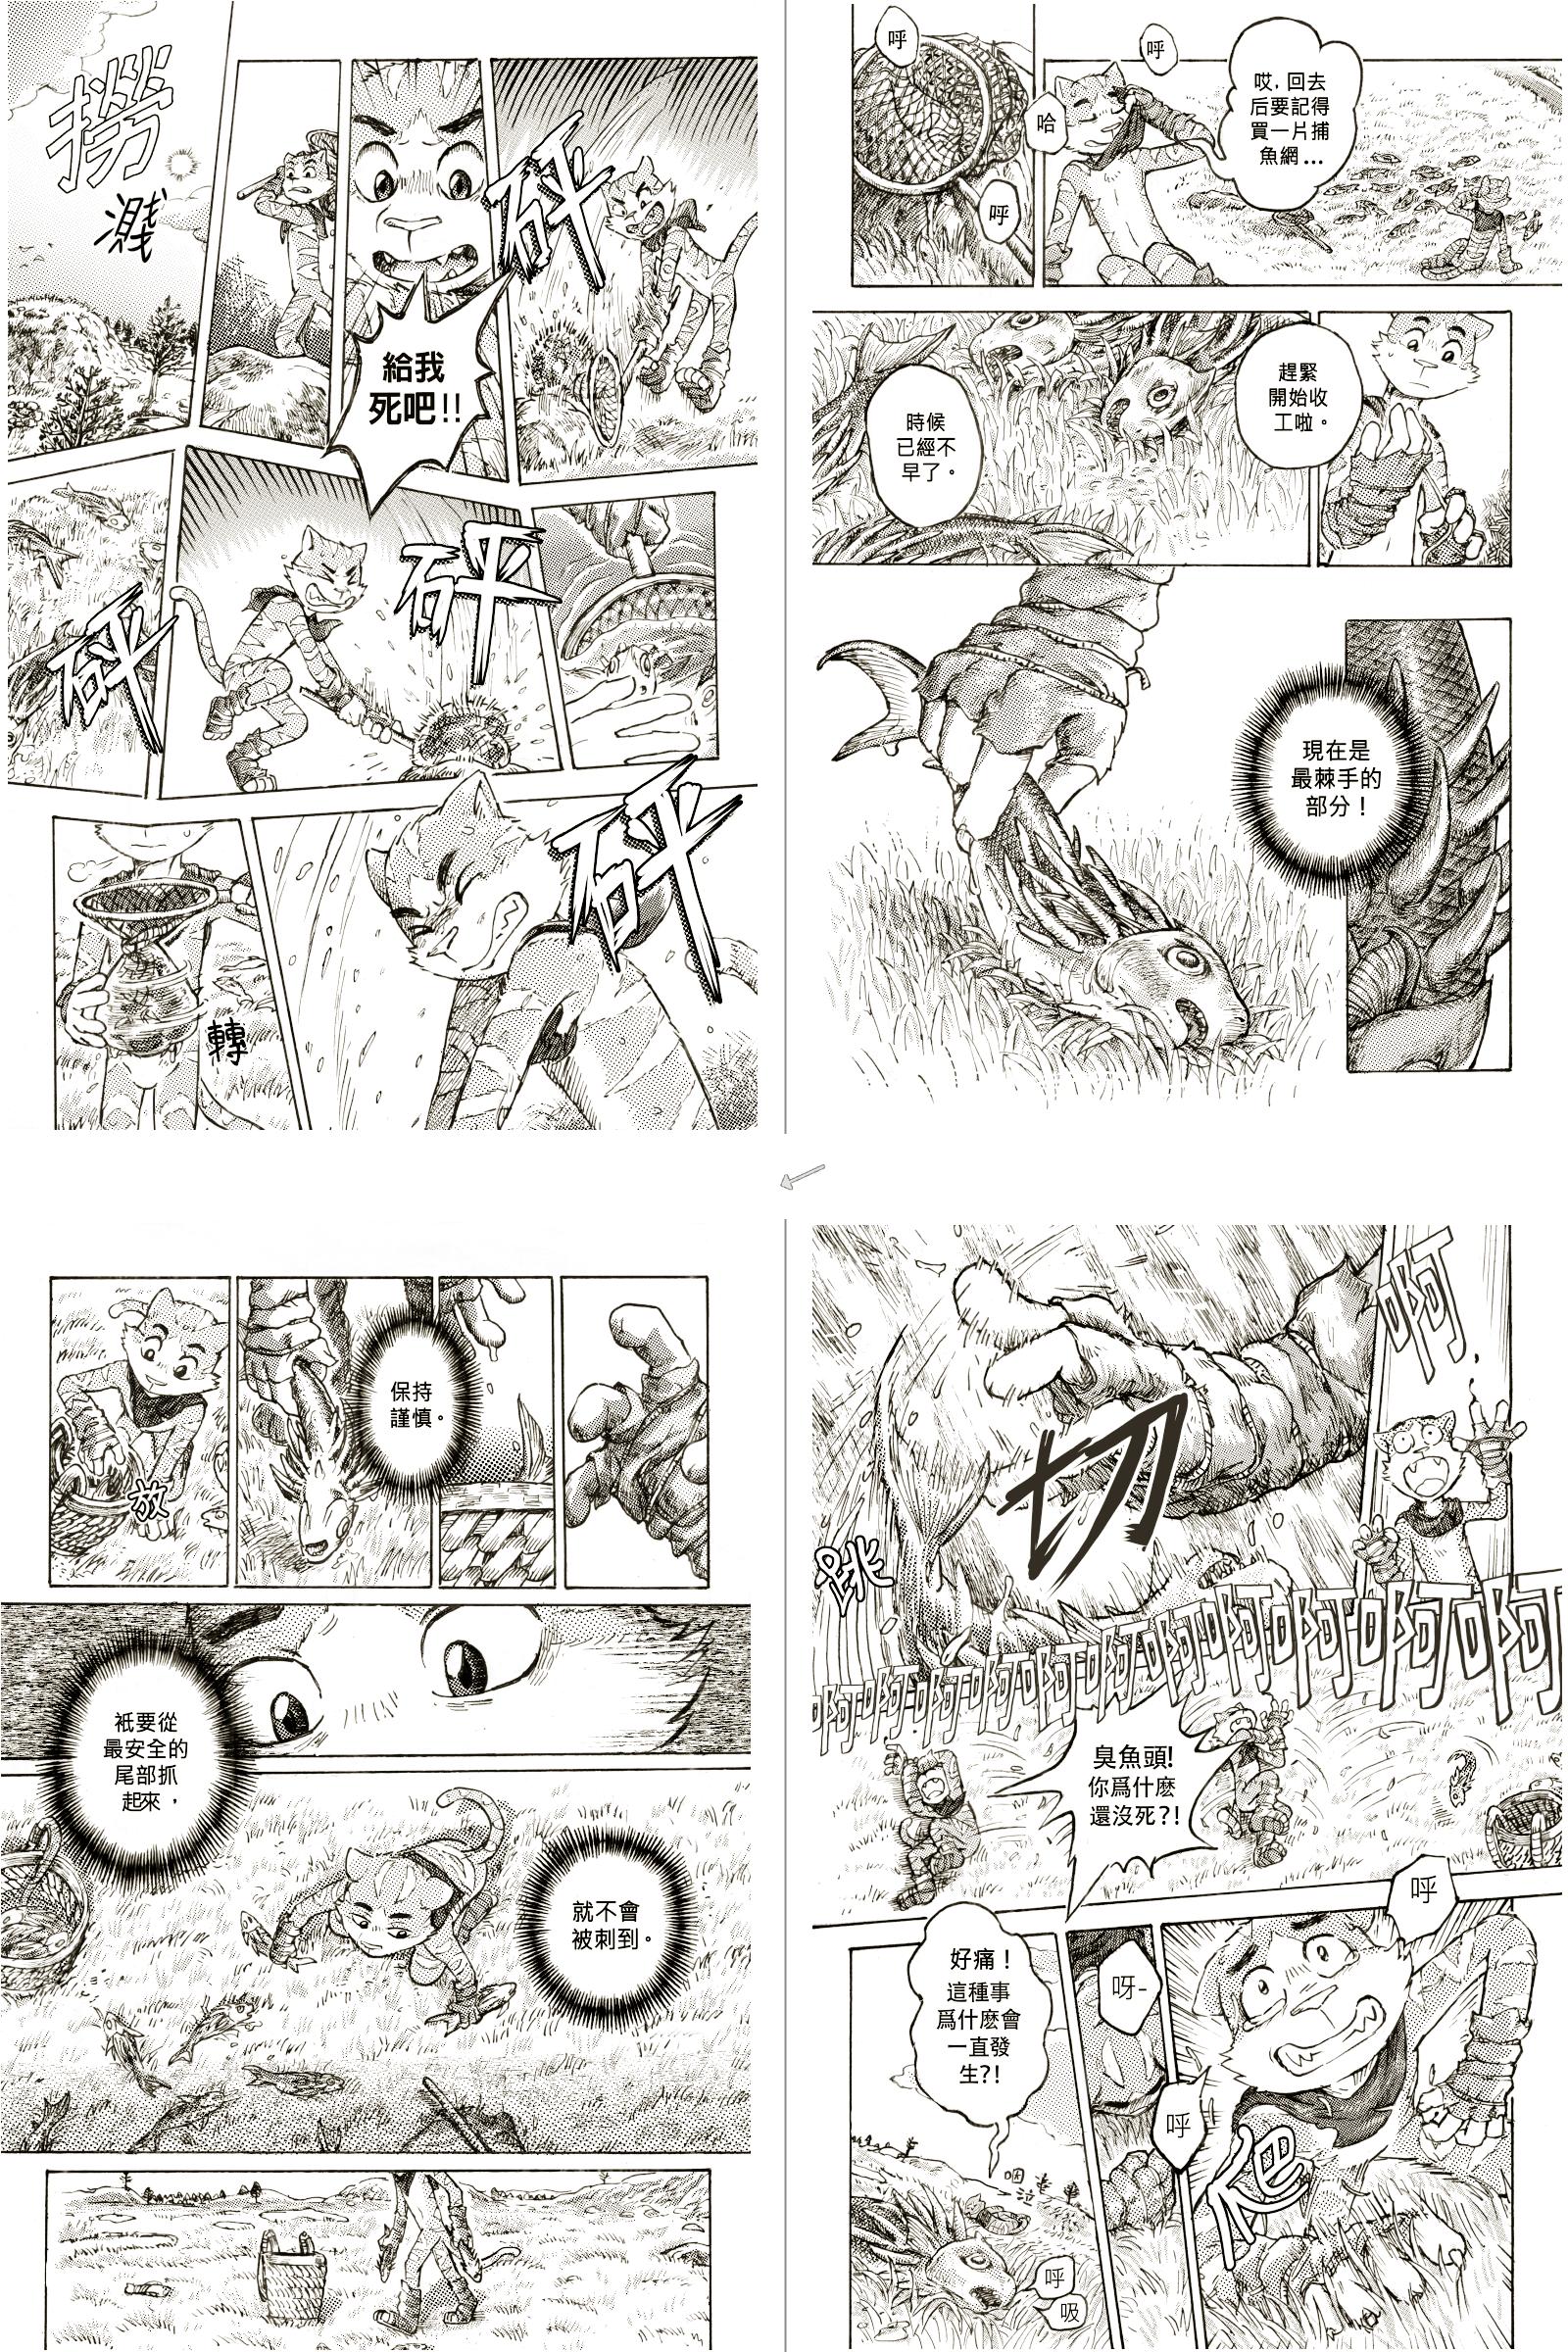 第 1 話 — (4)